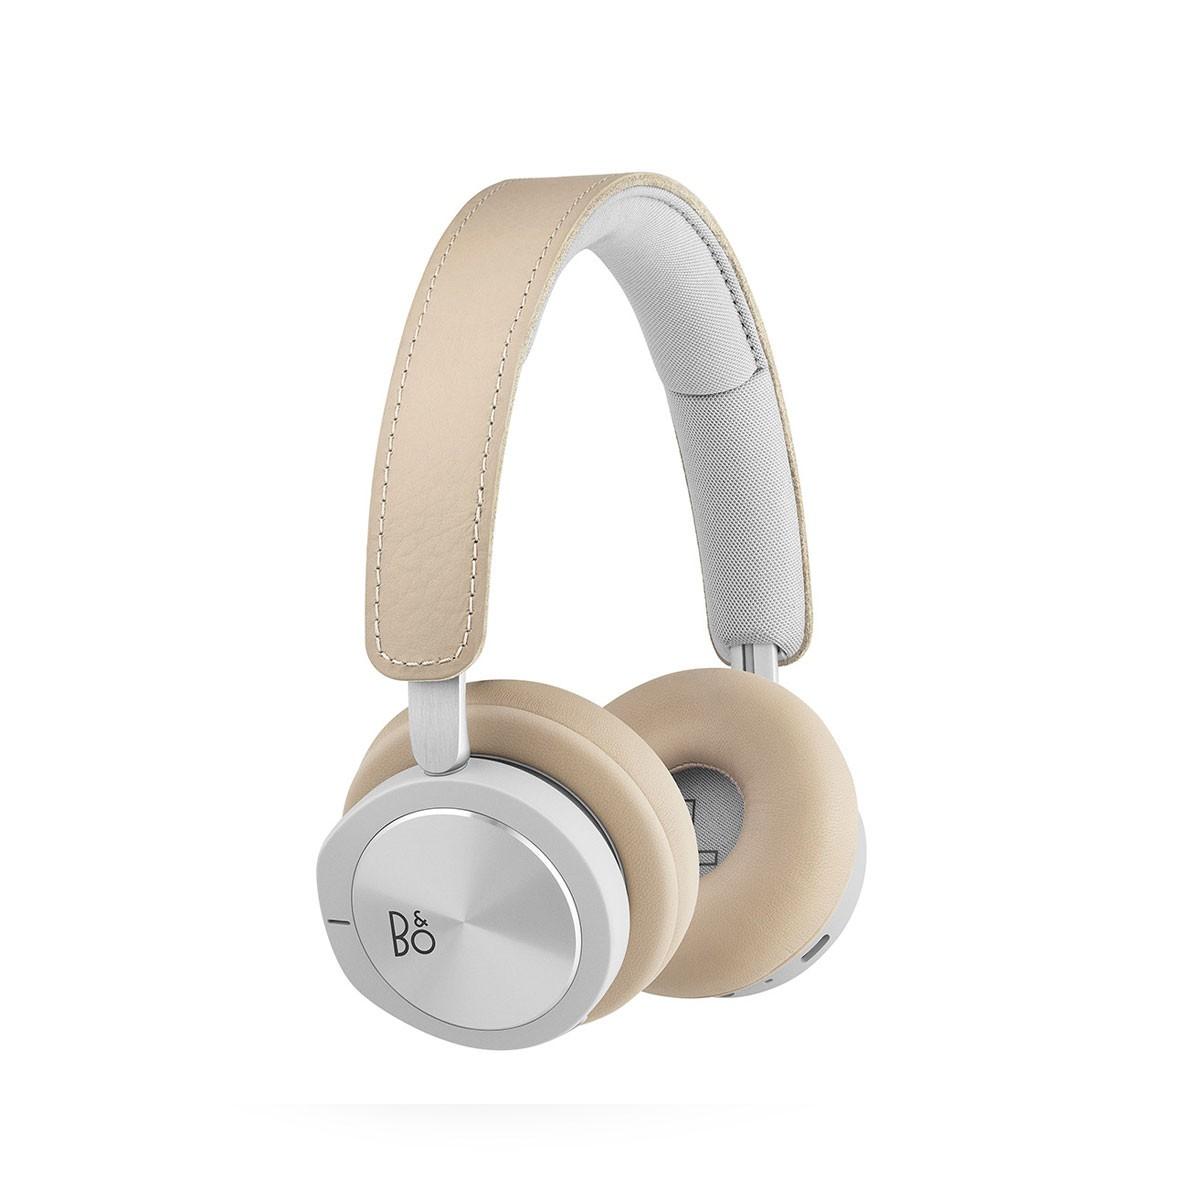 B&O Play - Beoplay H8i, béžová bezdrátová sluchátka